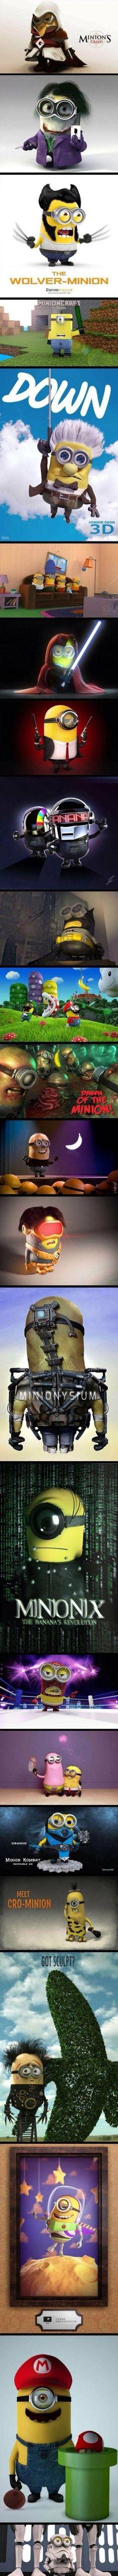 Minions - www.meme-lol.com